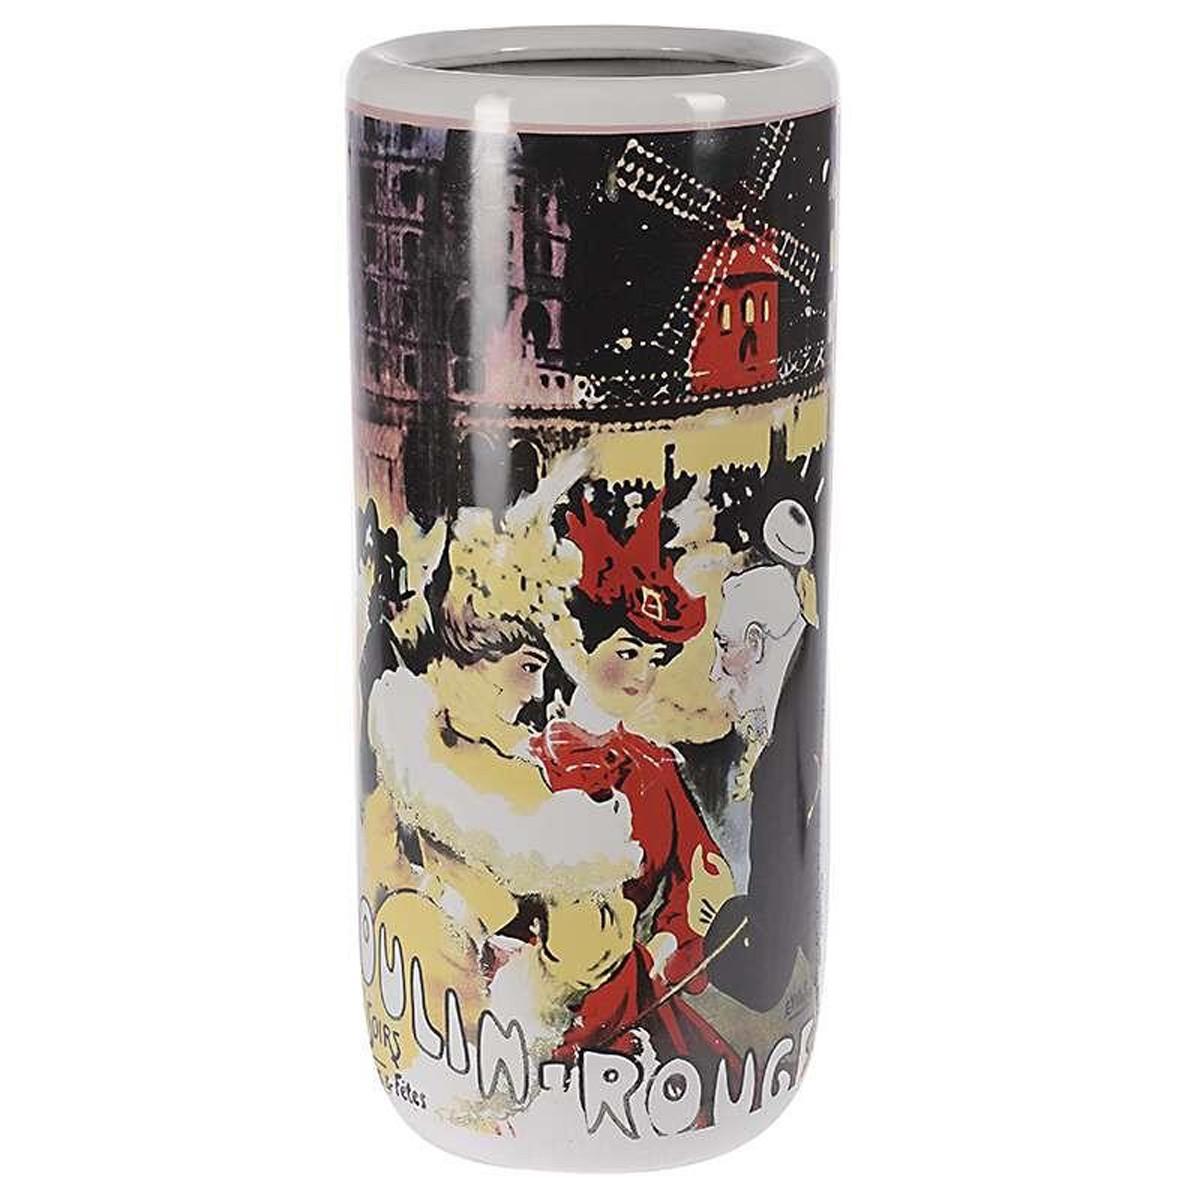 Διακοσμητικό Βάζο InArt Graphics Moulin Rouge 3-70-489-0009